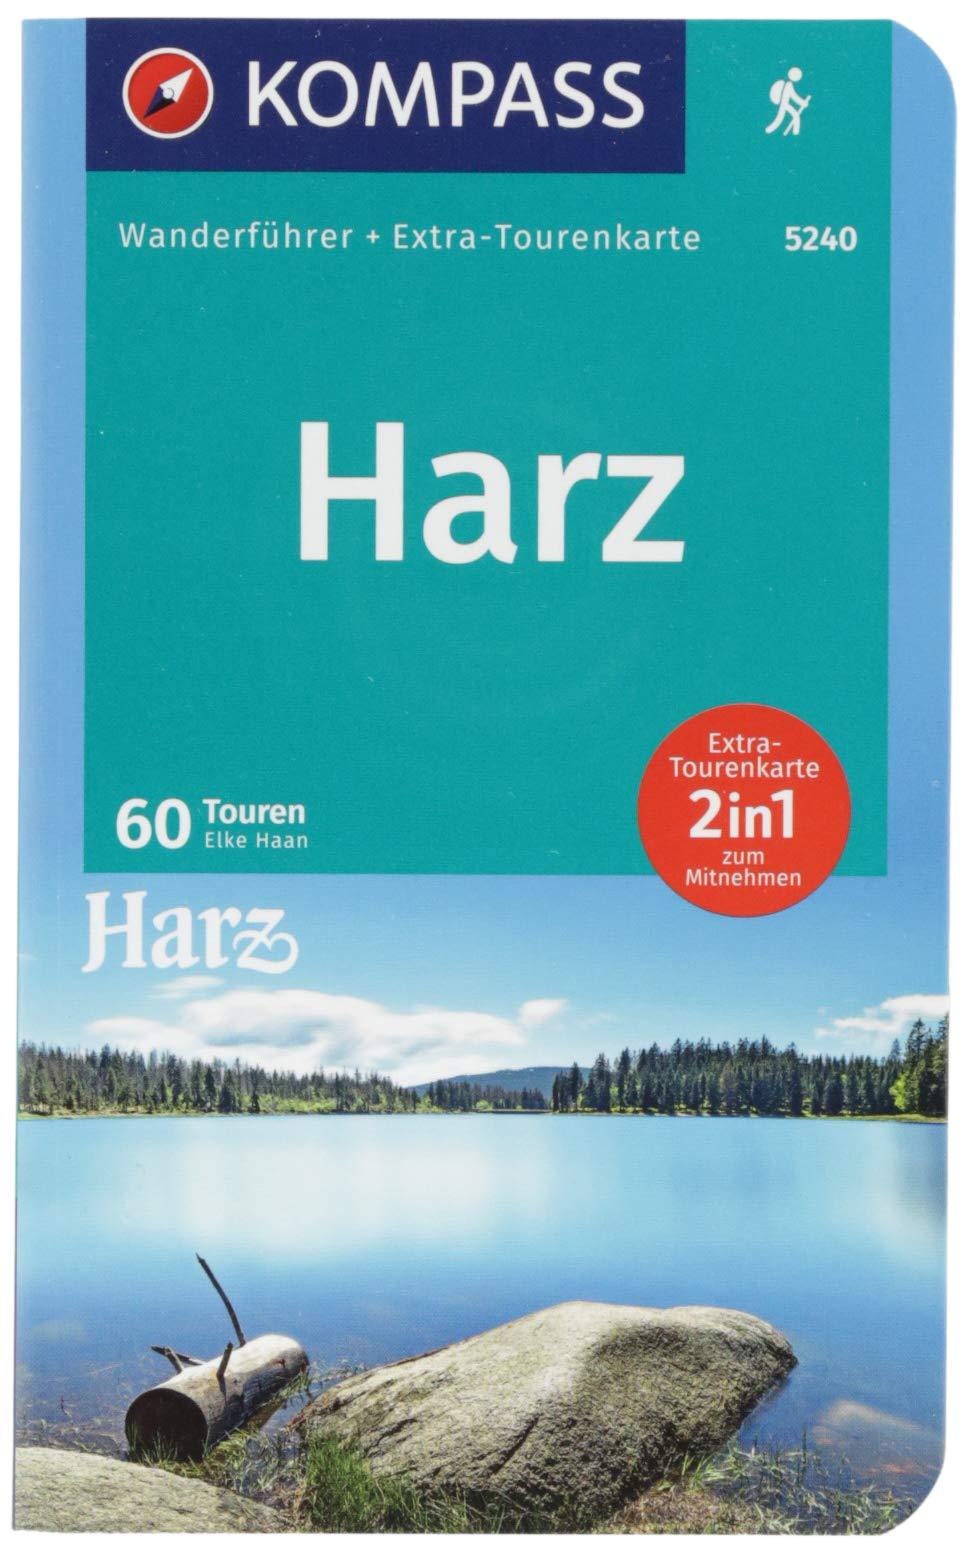 Harz: Wanderführer mit Extra-Tourenkarte 1:50.000, 60 Touren, GPX-Daten zum Download (KOMPASS-Wanderführer, Band 5240)